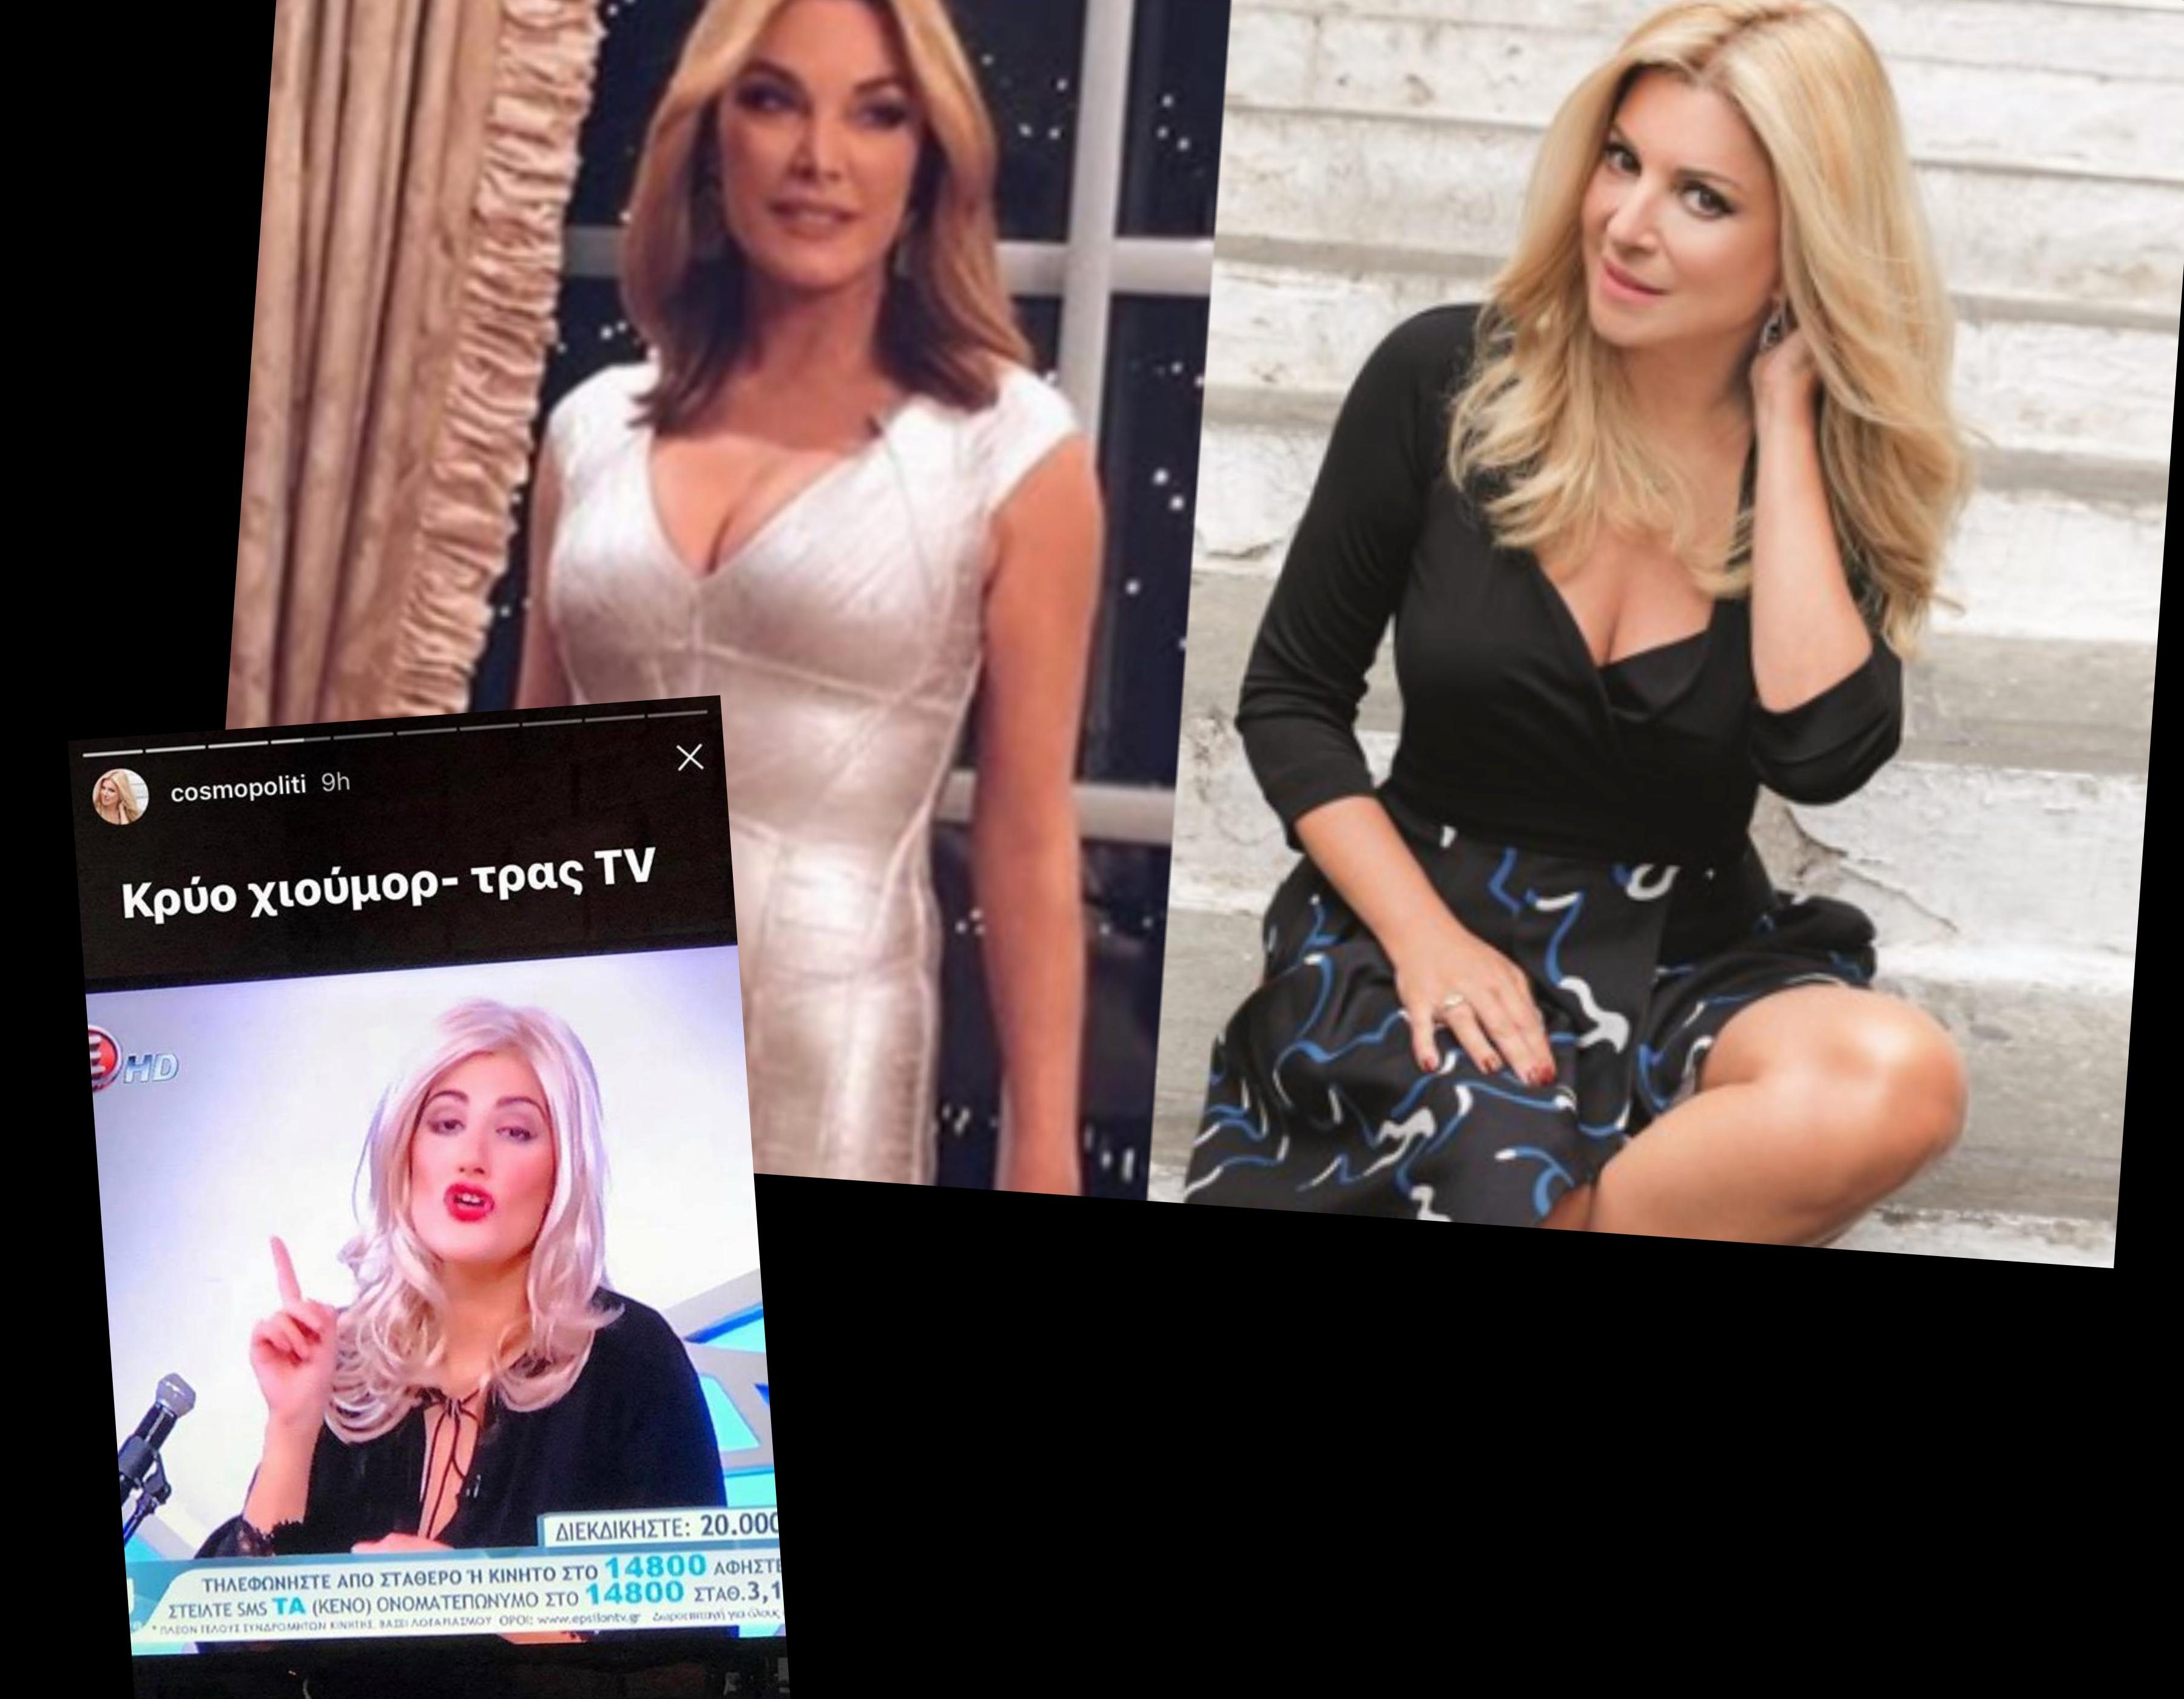 Χώσιμο της Πολίτη στην εκπομπή της Στεφανίδου: » Κρύο χιούμορ-Trash Tv»